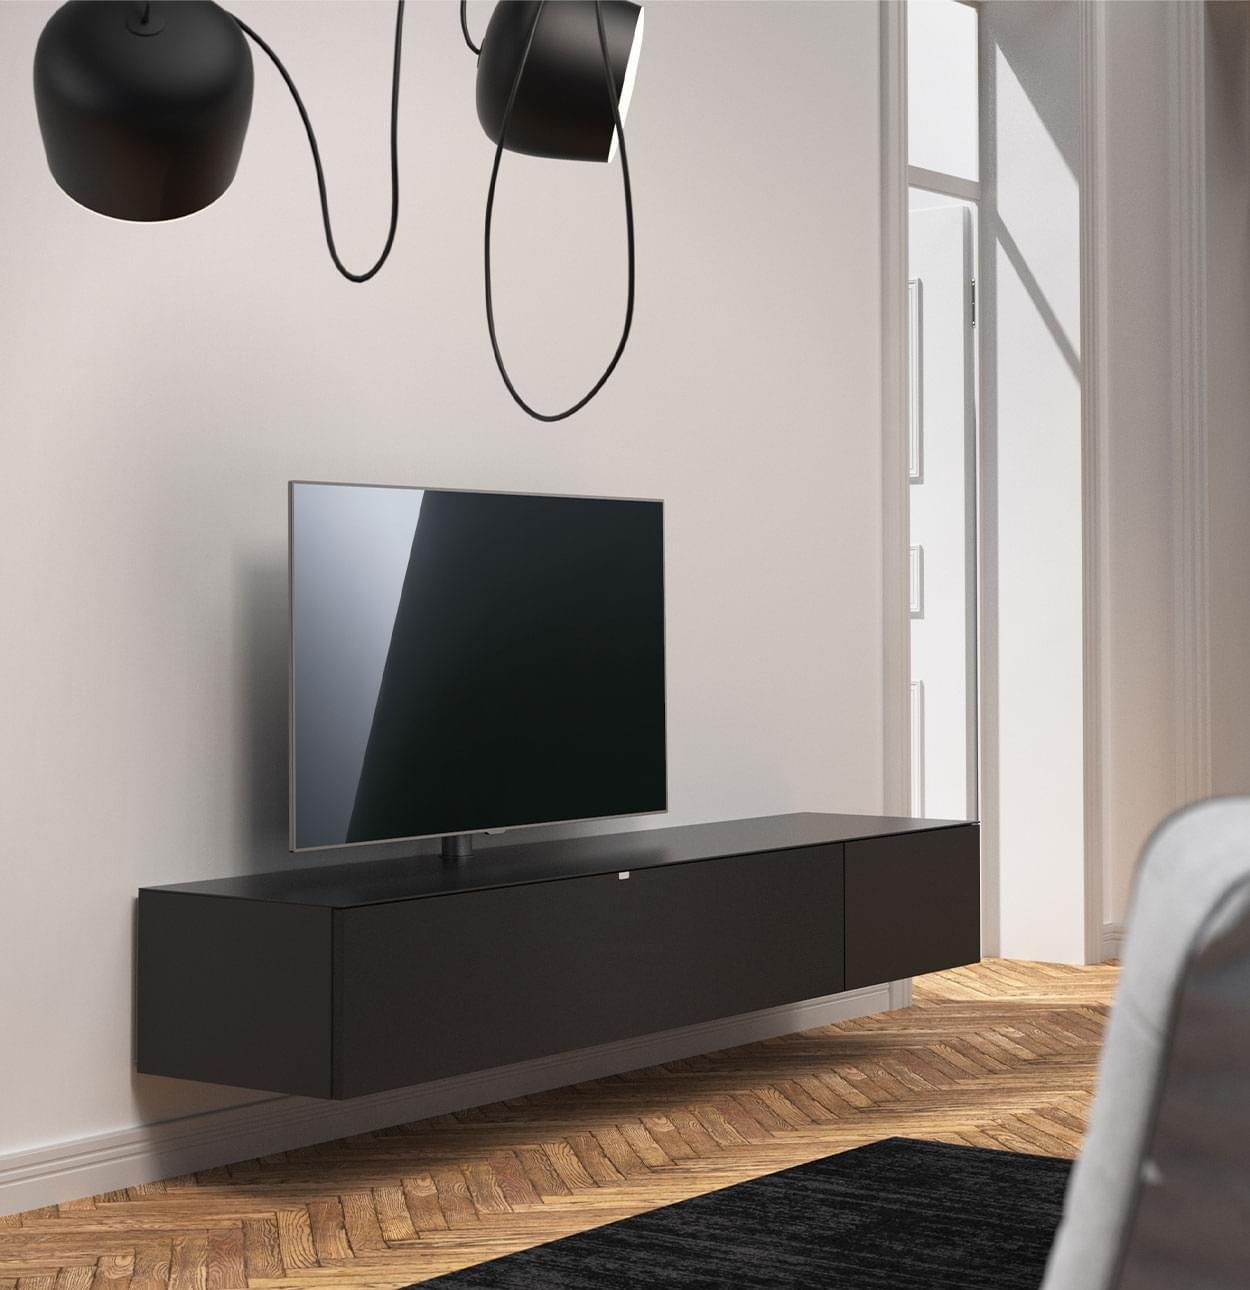 Spectral Next zwevend tv-meubel